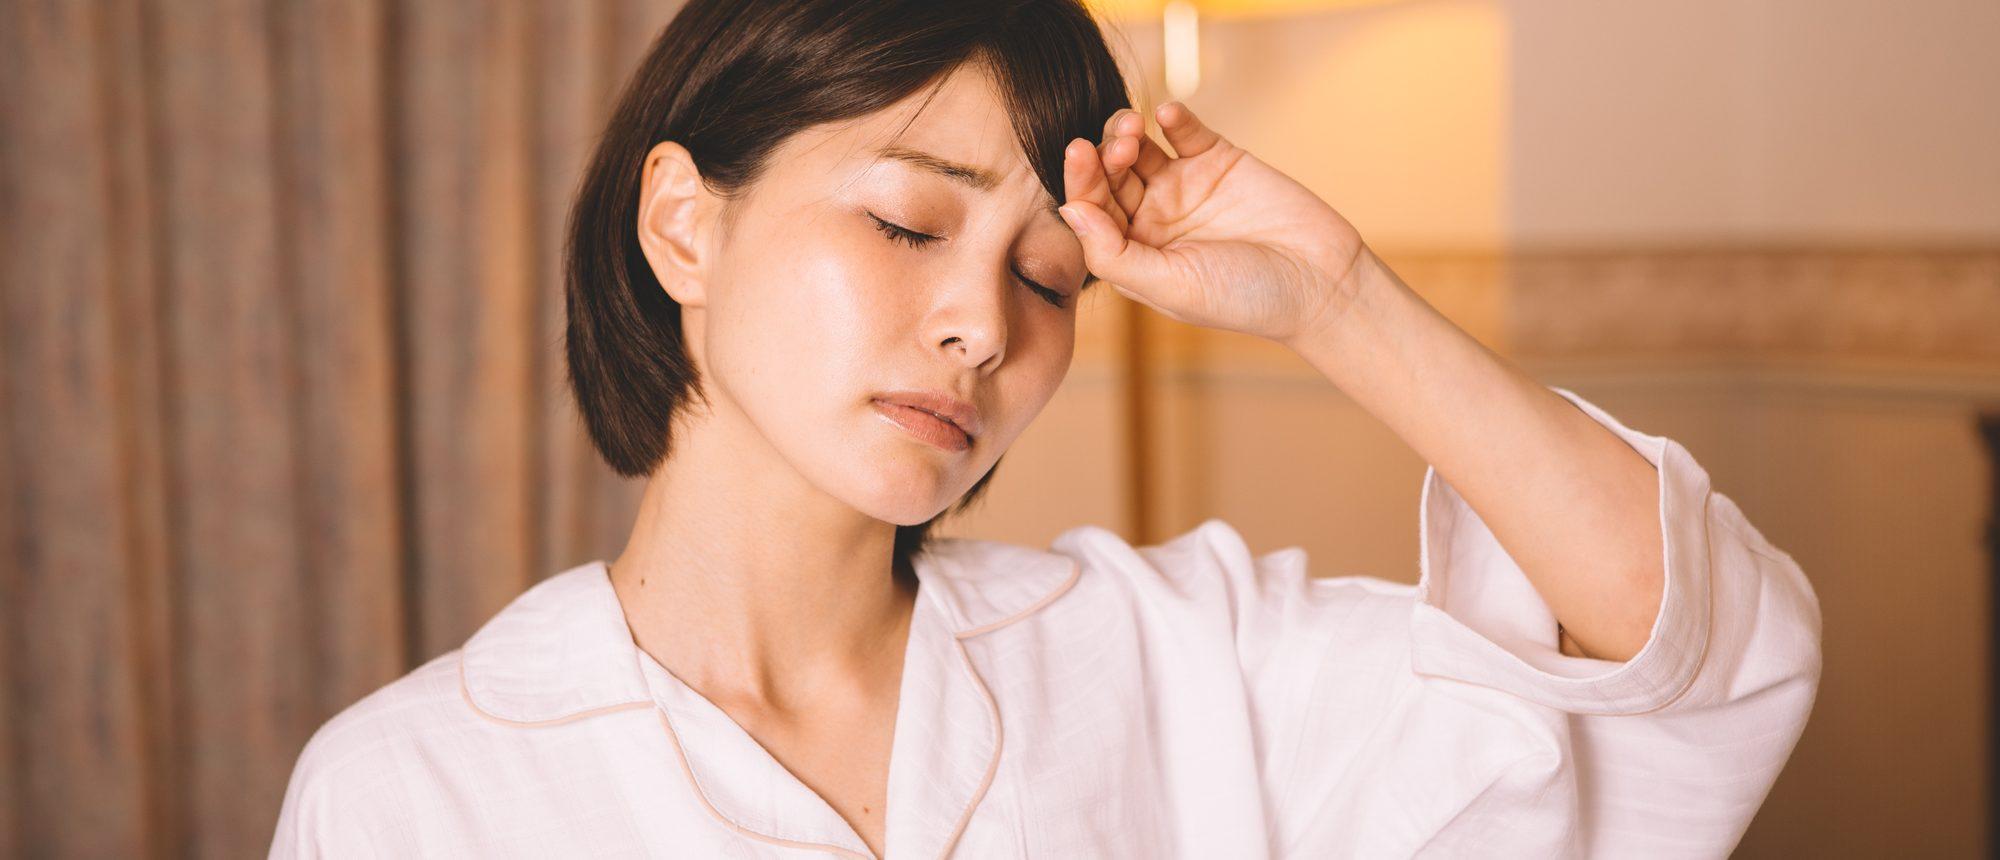 自律神経の乱れを改善する鍼灸治療|仙台市若林区